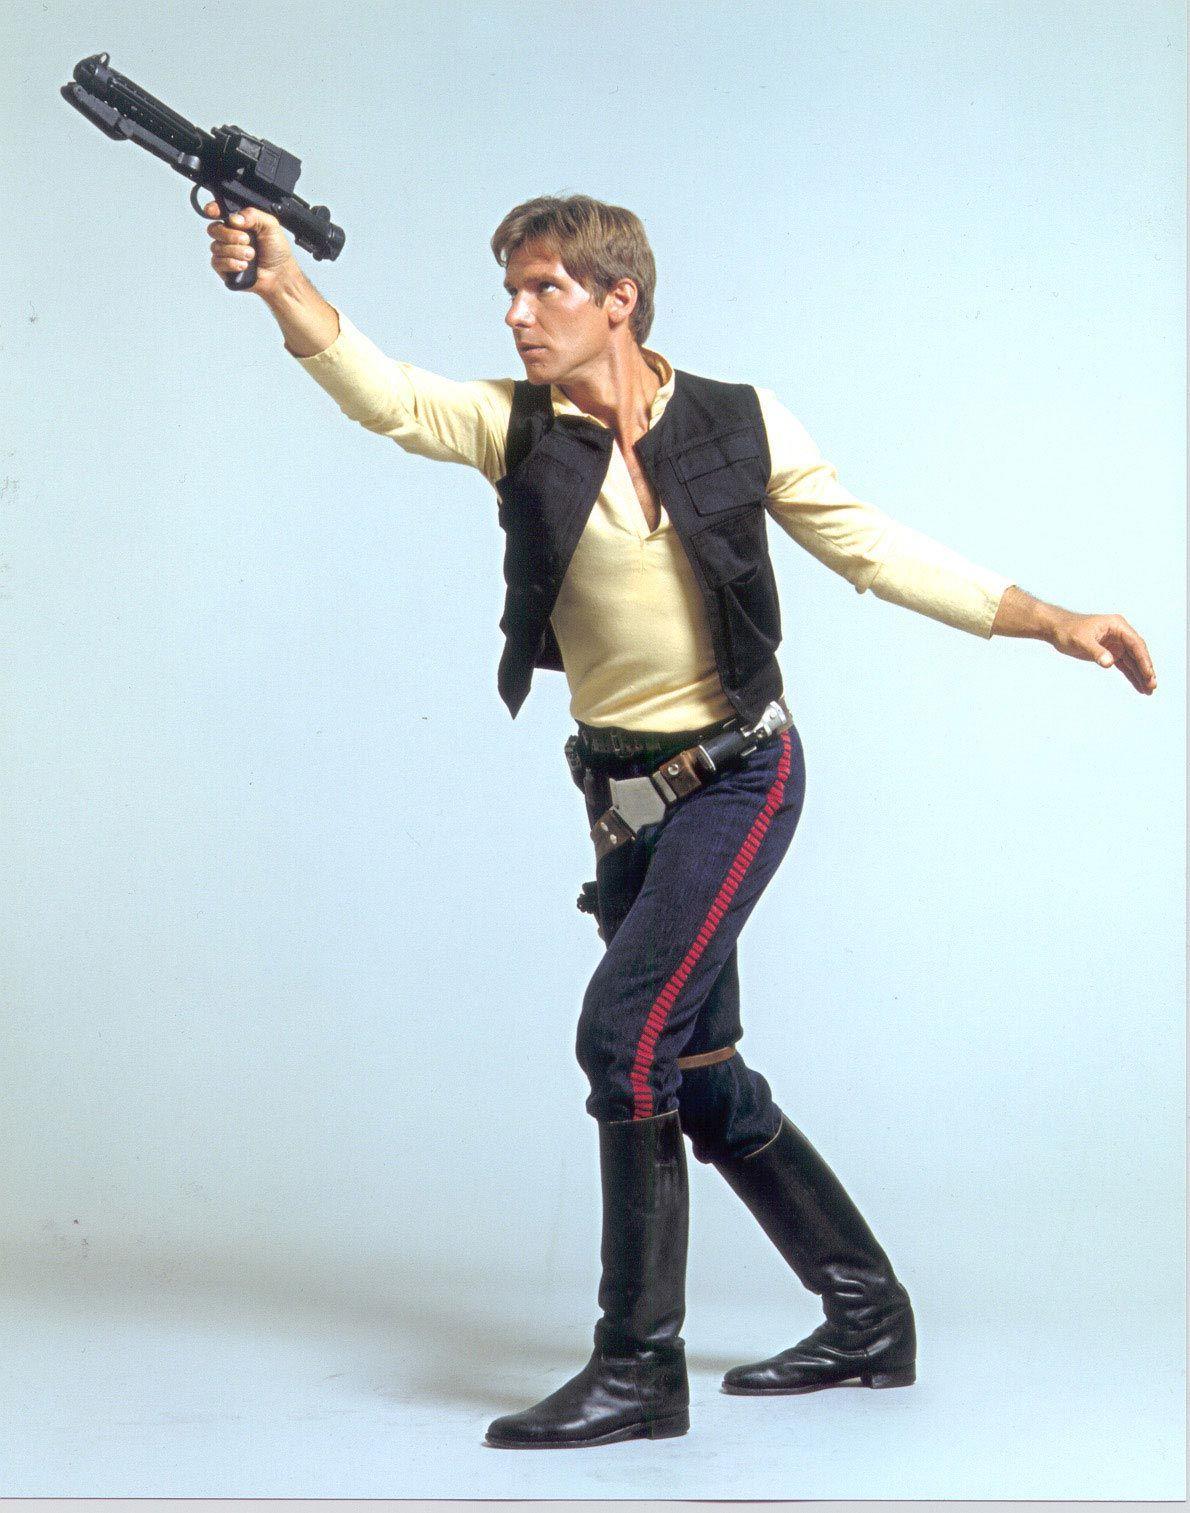 han-solo-star-wars-chronicles-promo-stormtrooper-blaster-alt.jpg 1190×1513 pixels  sc 1 st  Pinterest & han-solo-star-wars-chronicles-promo-stormtrooper-blaster-alt.jpg ...